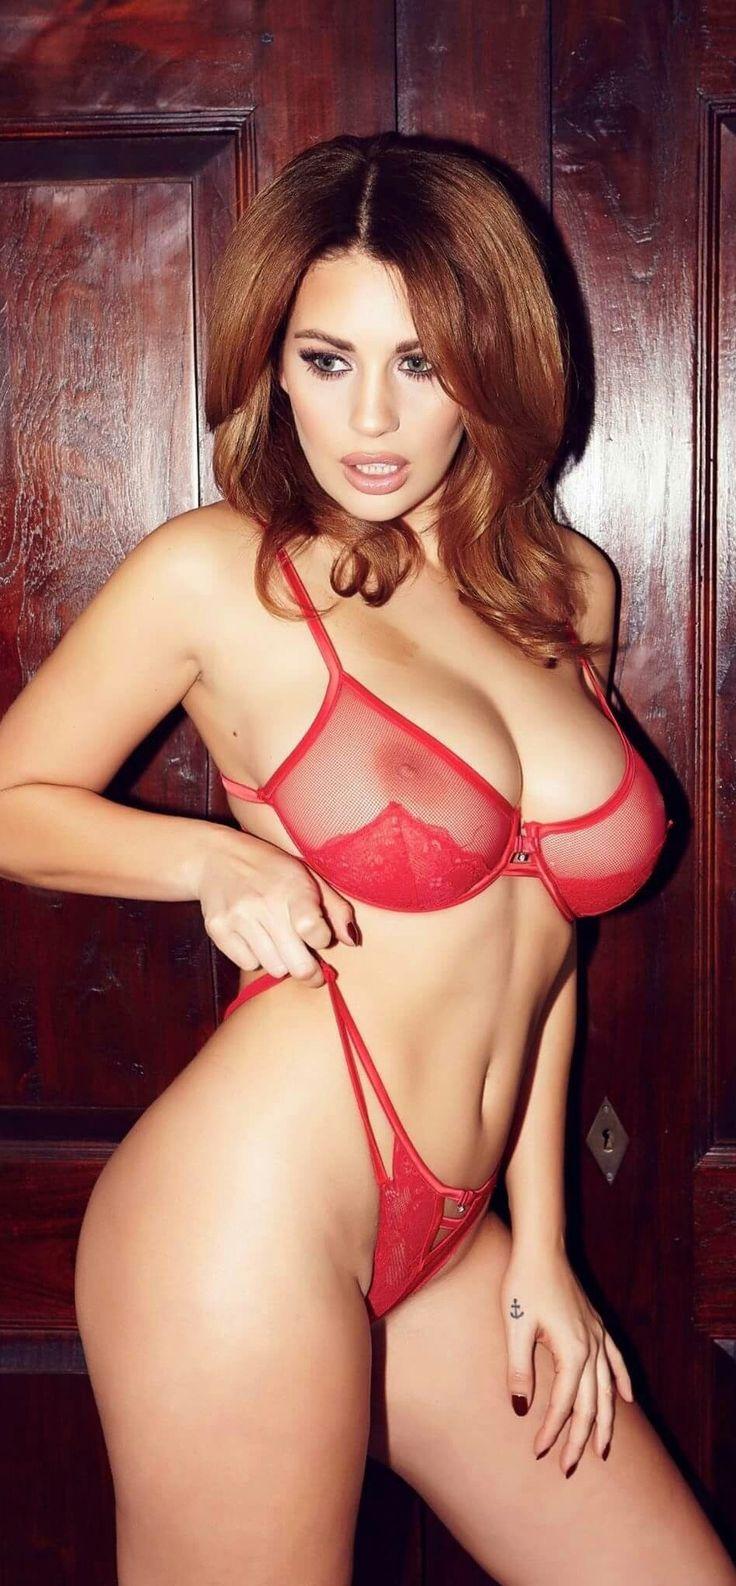 Hollie nude Nude Photos 11